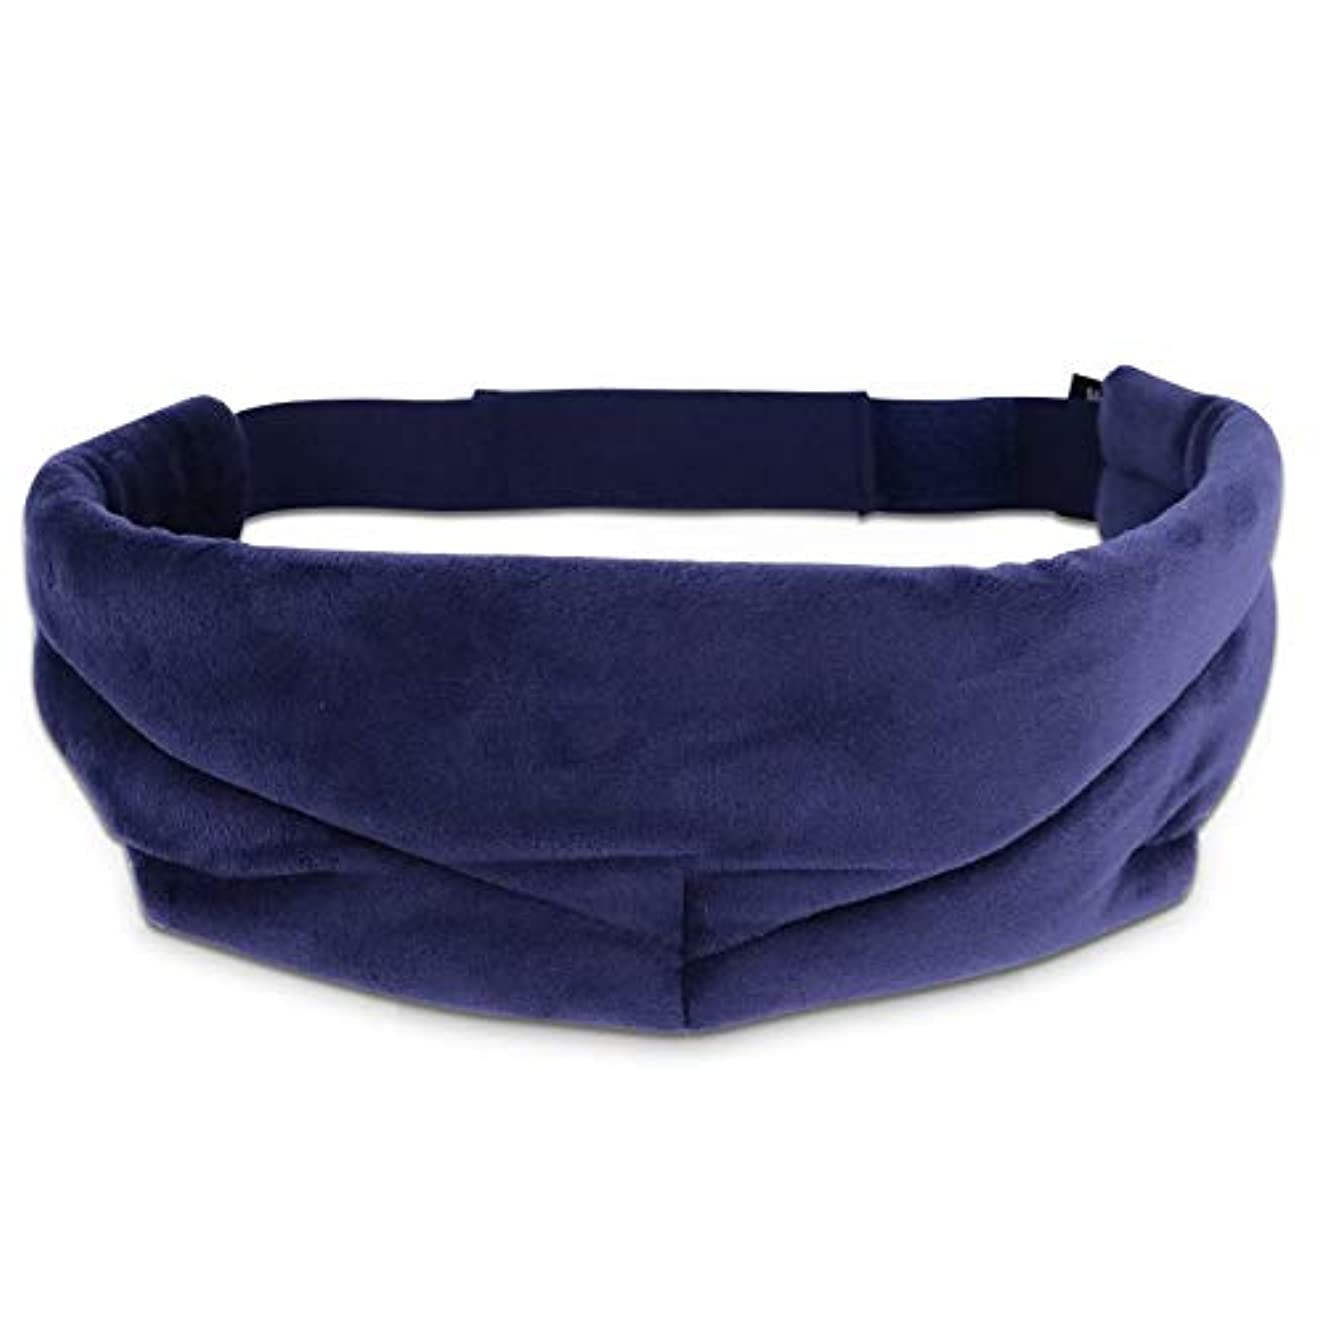 不格好ダース突き出すNOTE 調節可能なラベンダー旅行睡眠アイマスクアイシェード包帯用睡眠アイパッチ目隠しアイシェードシェーディングアイカバー3色